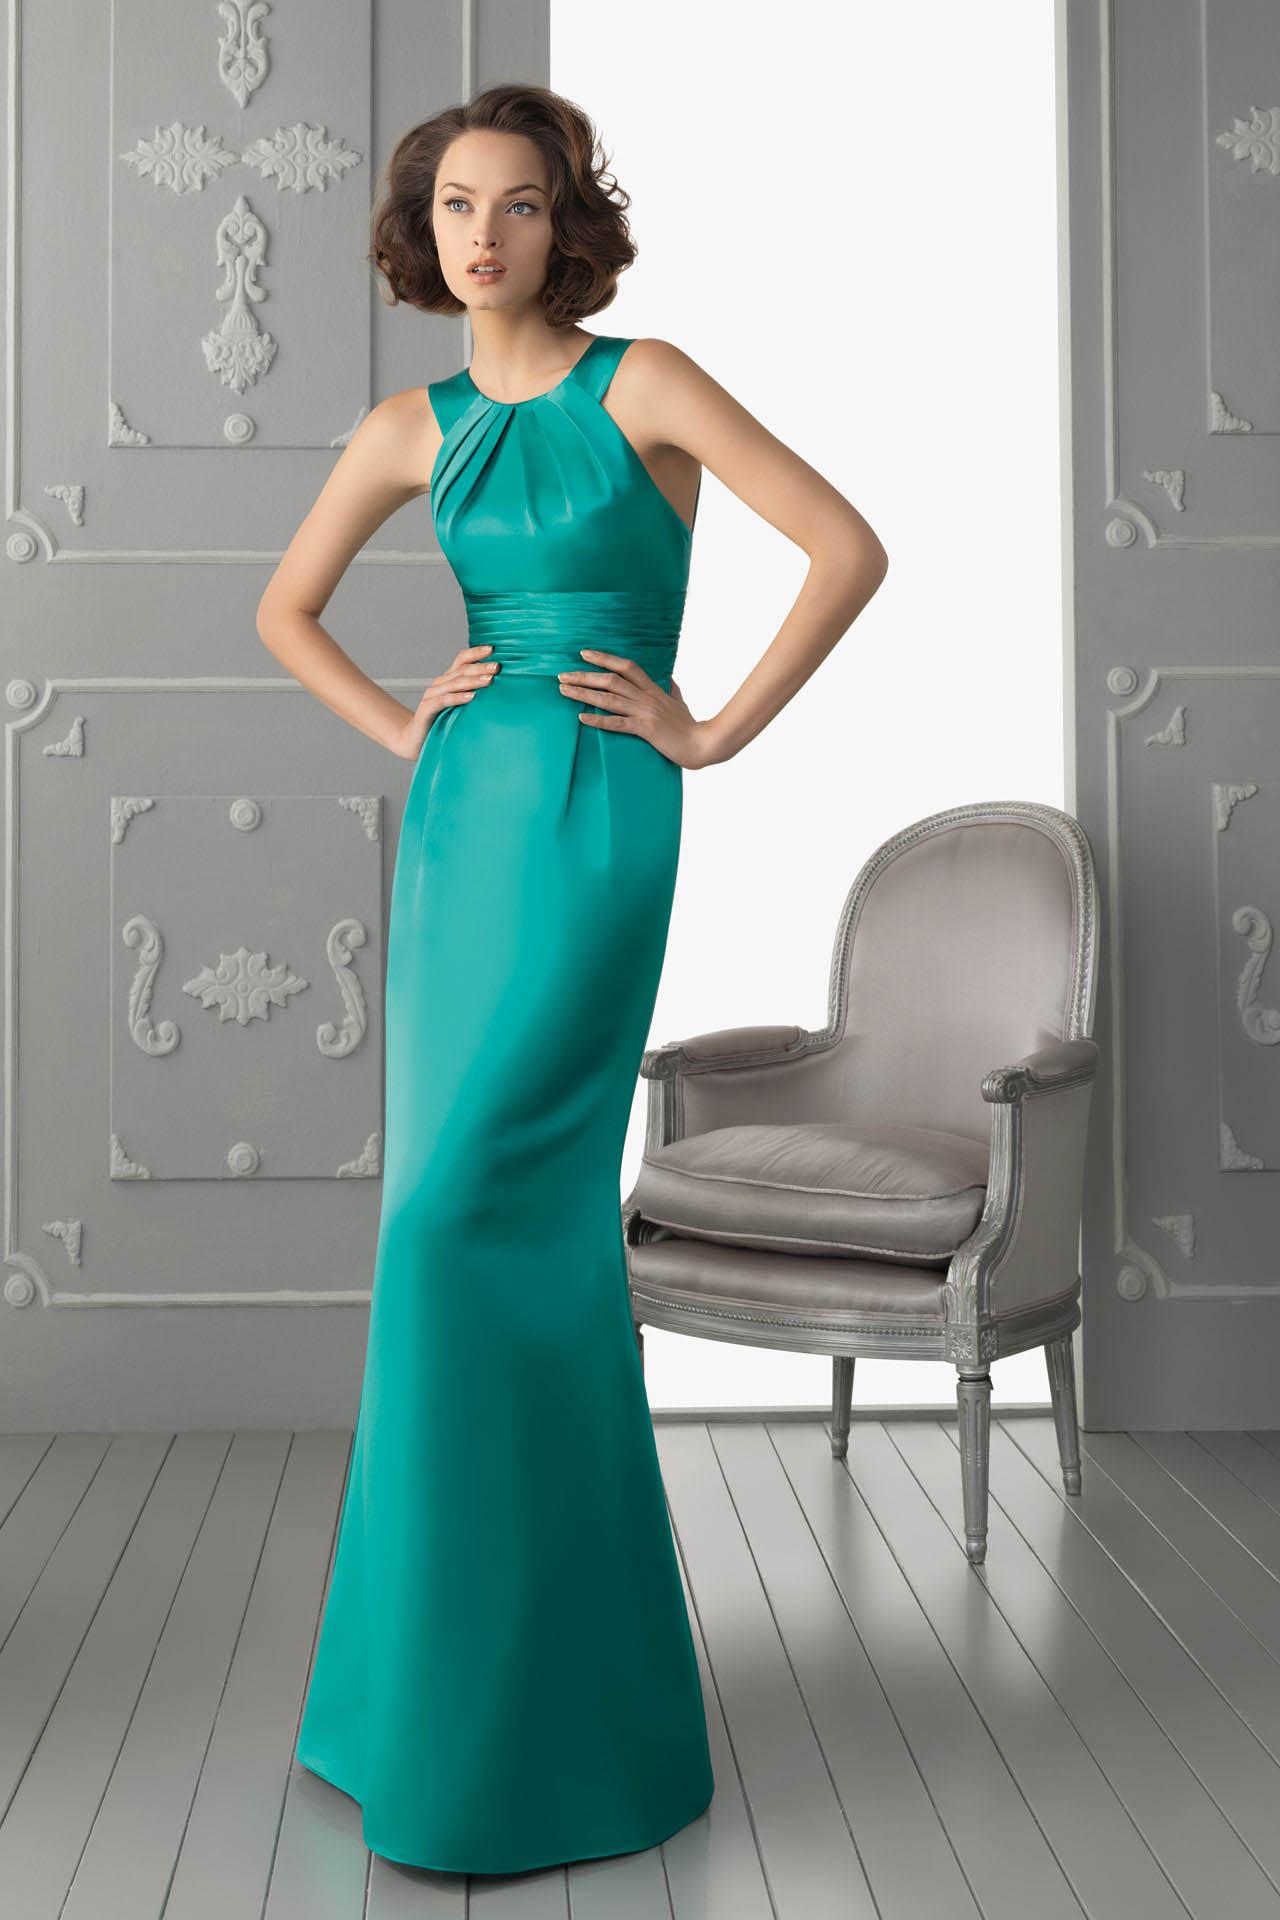 a124237a3d9453d Фасоны платьев. Какие бывают фасоны платьев?